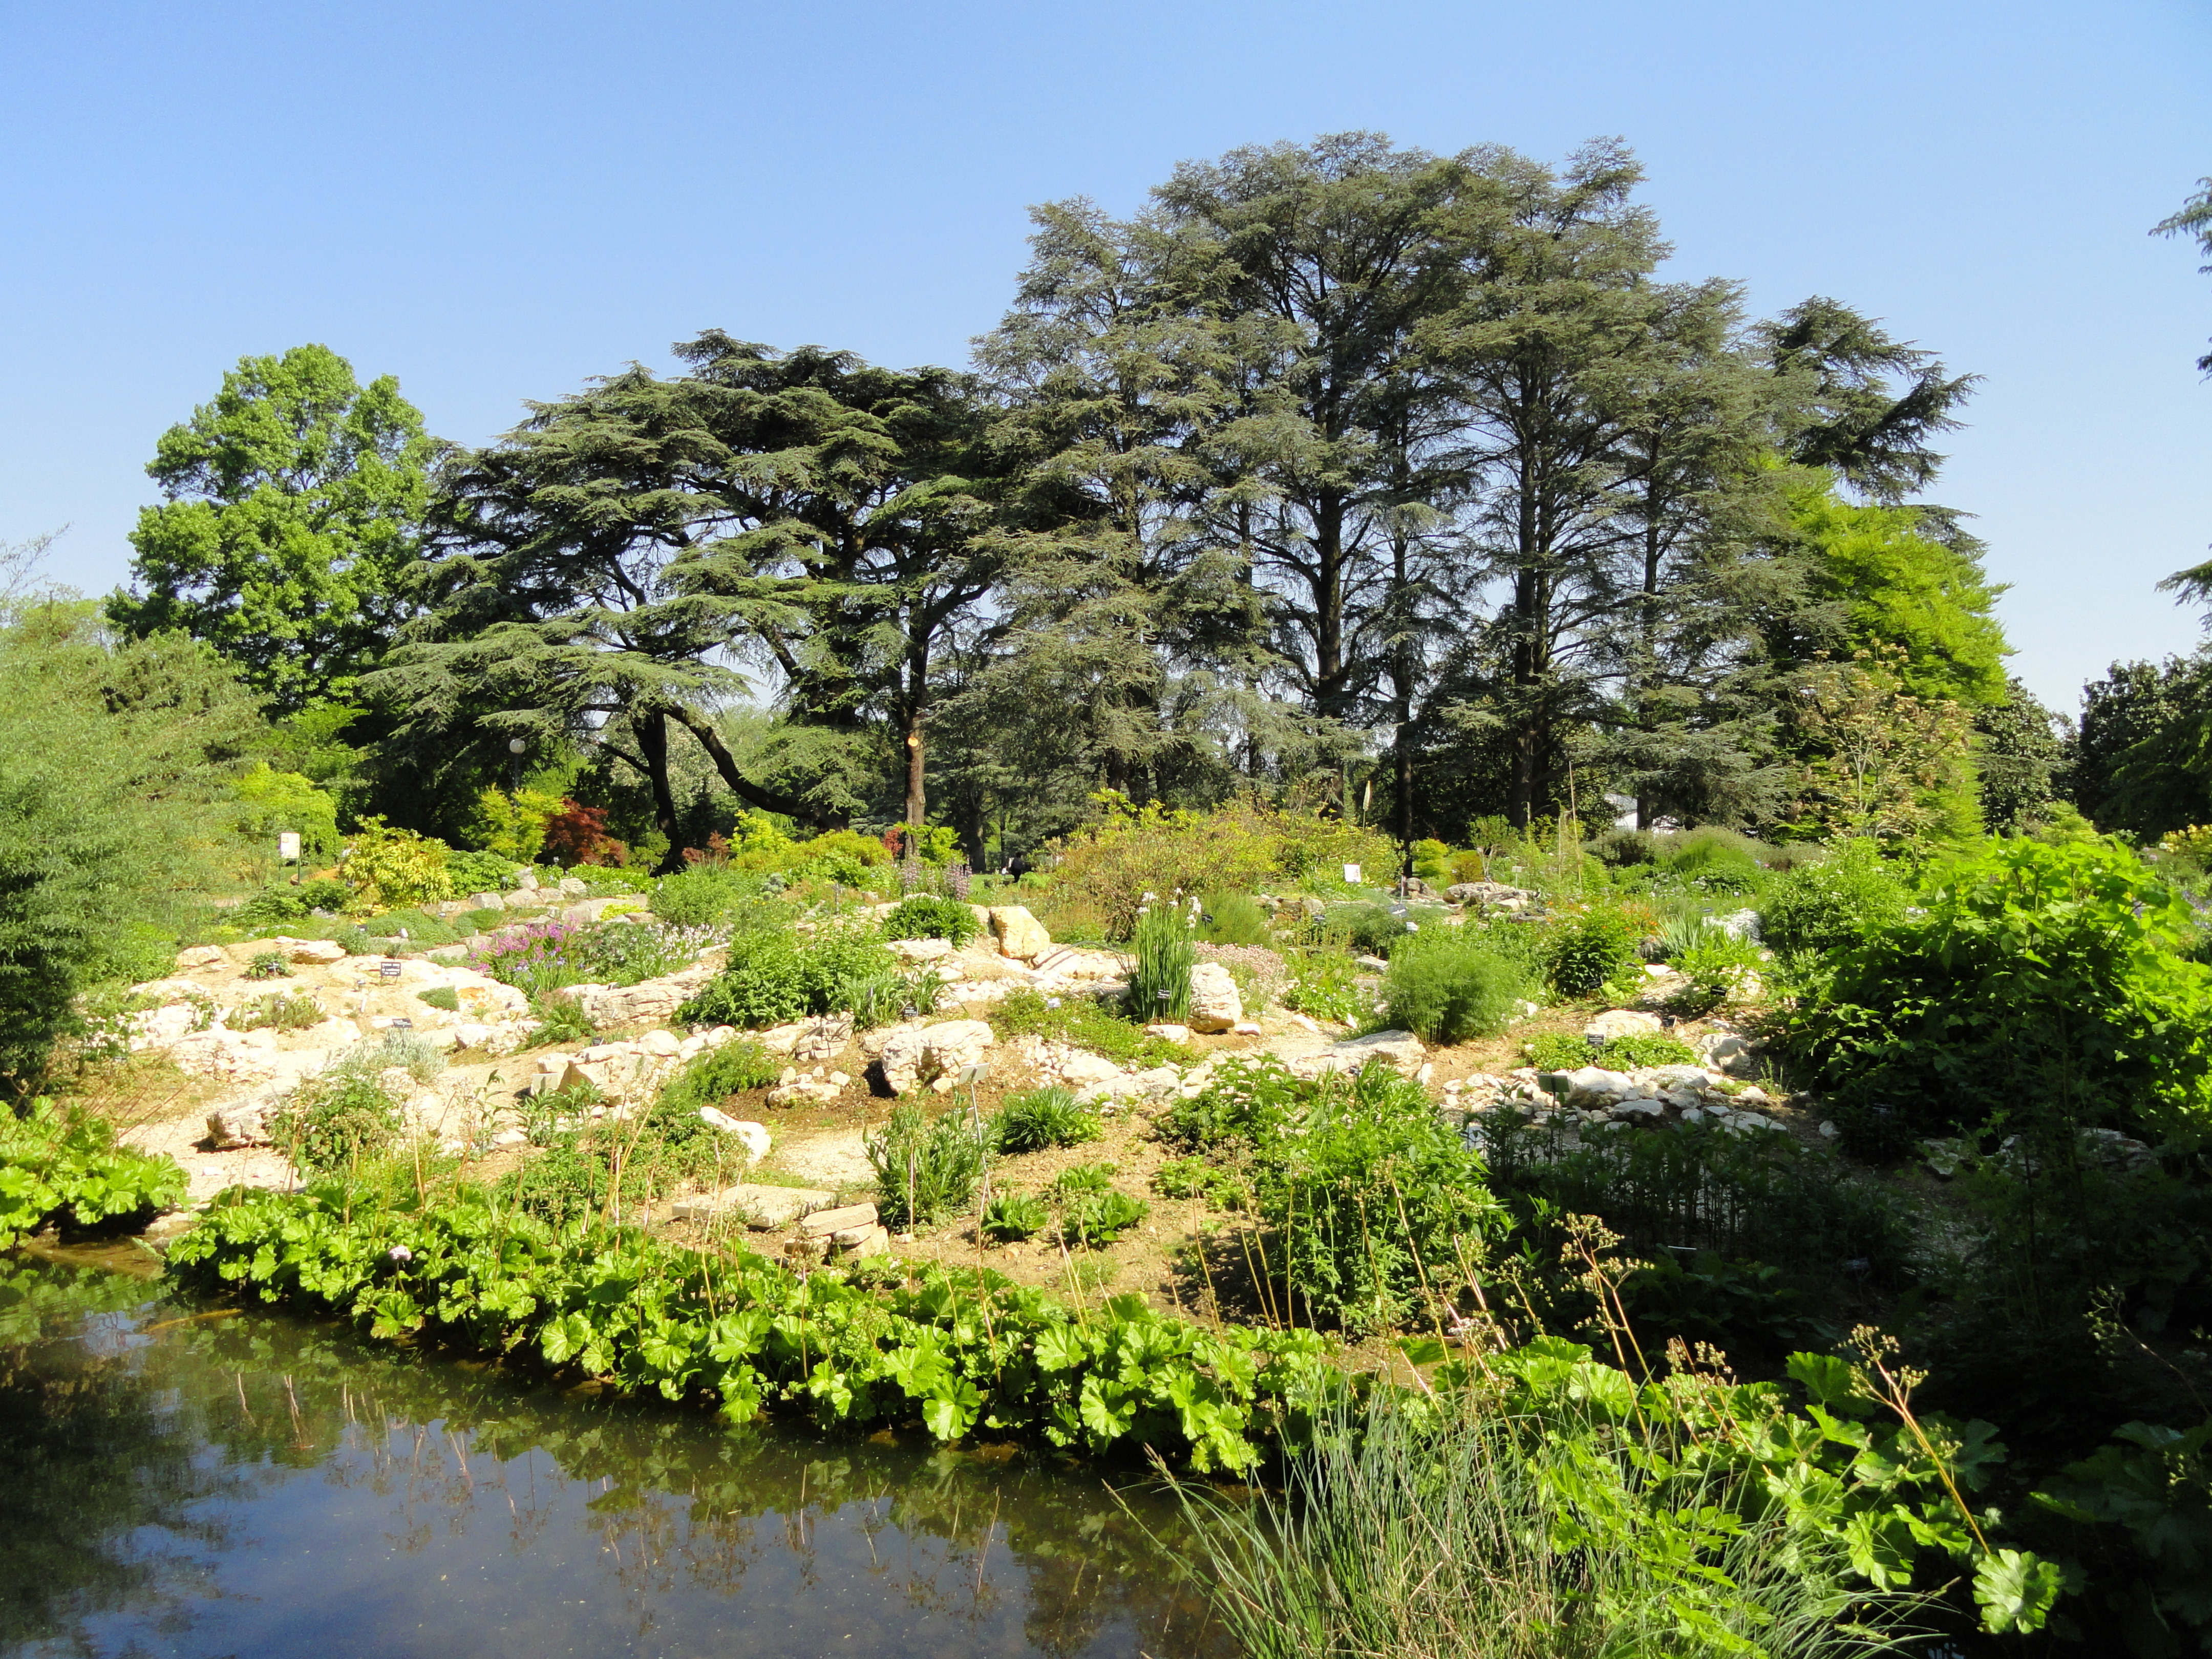 Jardin Botanique De Lyon : file alpine garden jardin botanique de lyon dsc05312 ~ Farleysfitness.com Idées de Décoration